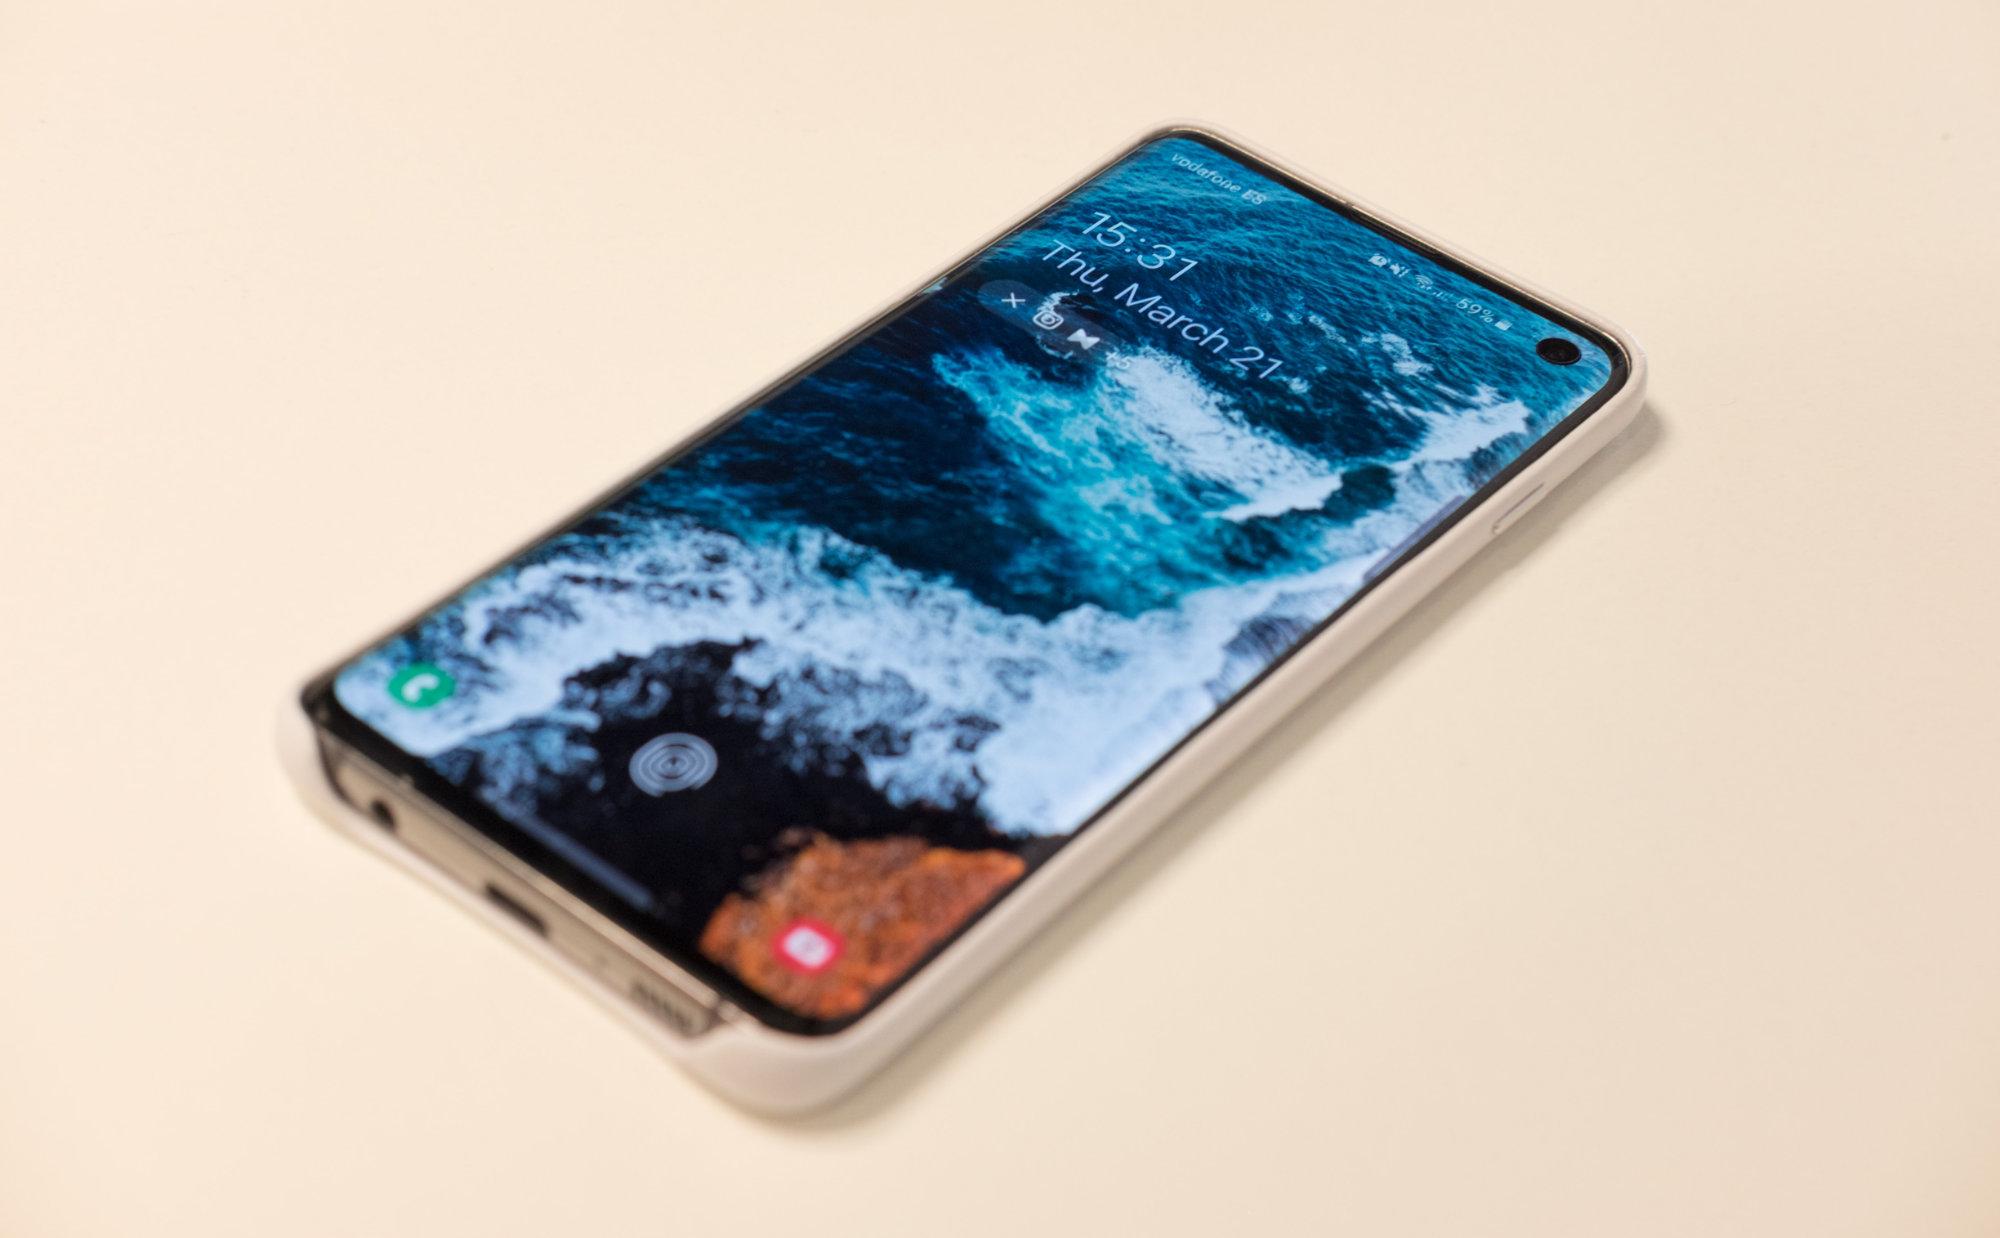 Clients Orange et Sosh : le Samsung Galaxy S10 tombe à un prix jamais vu